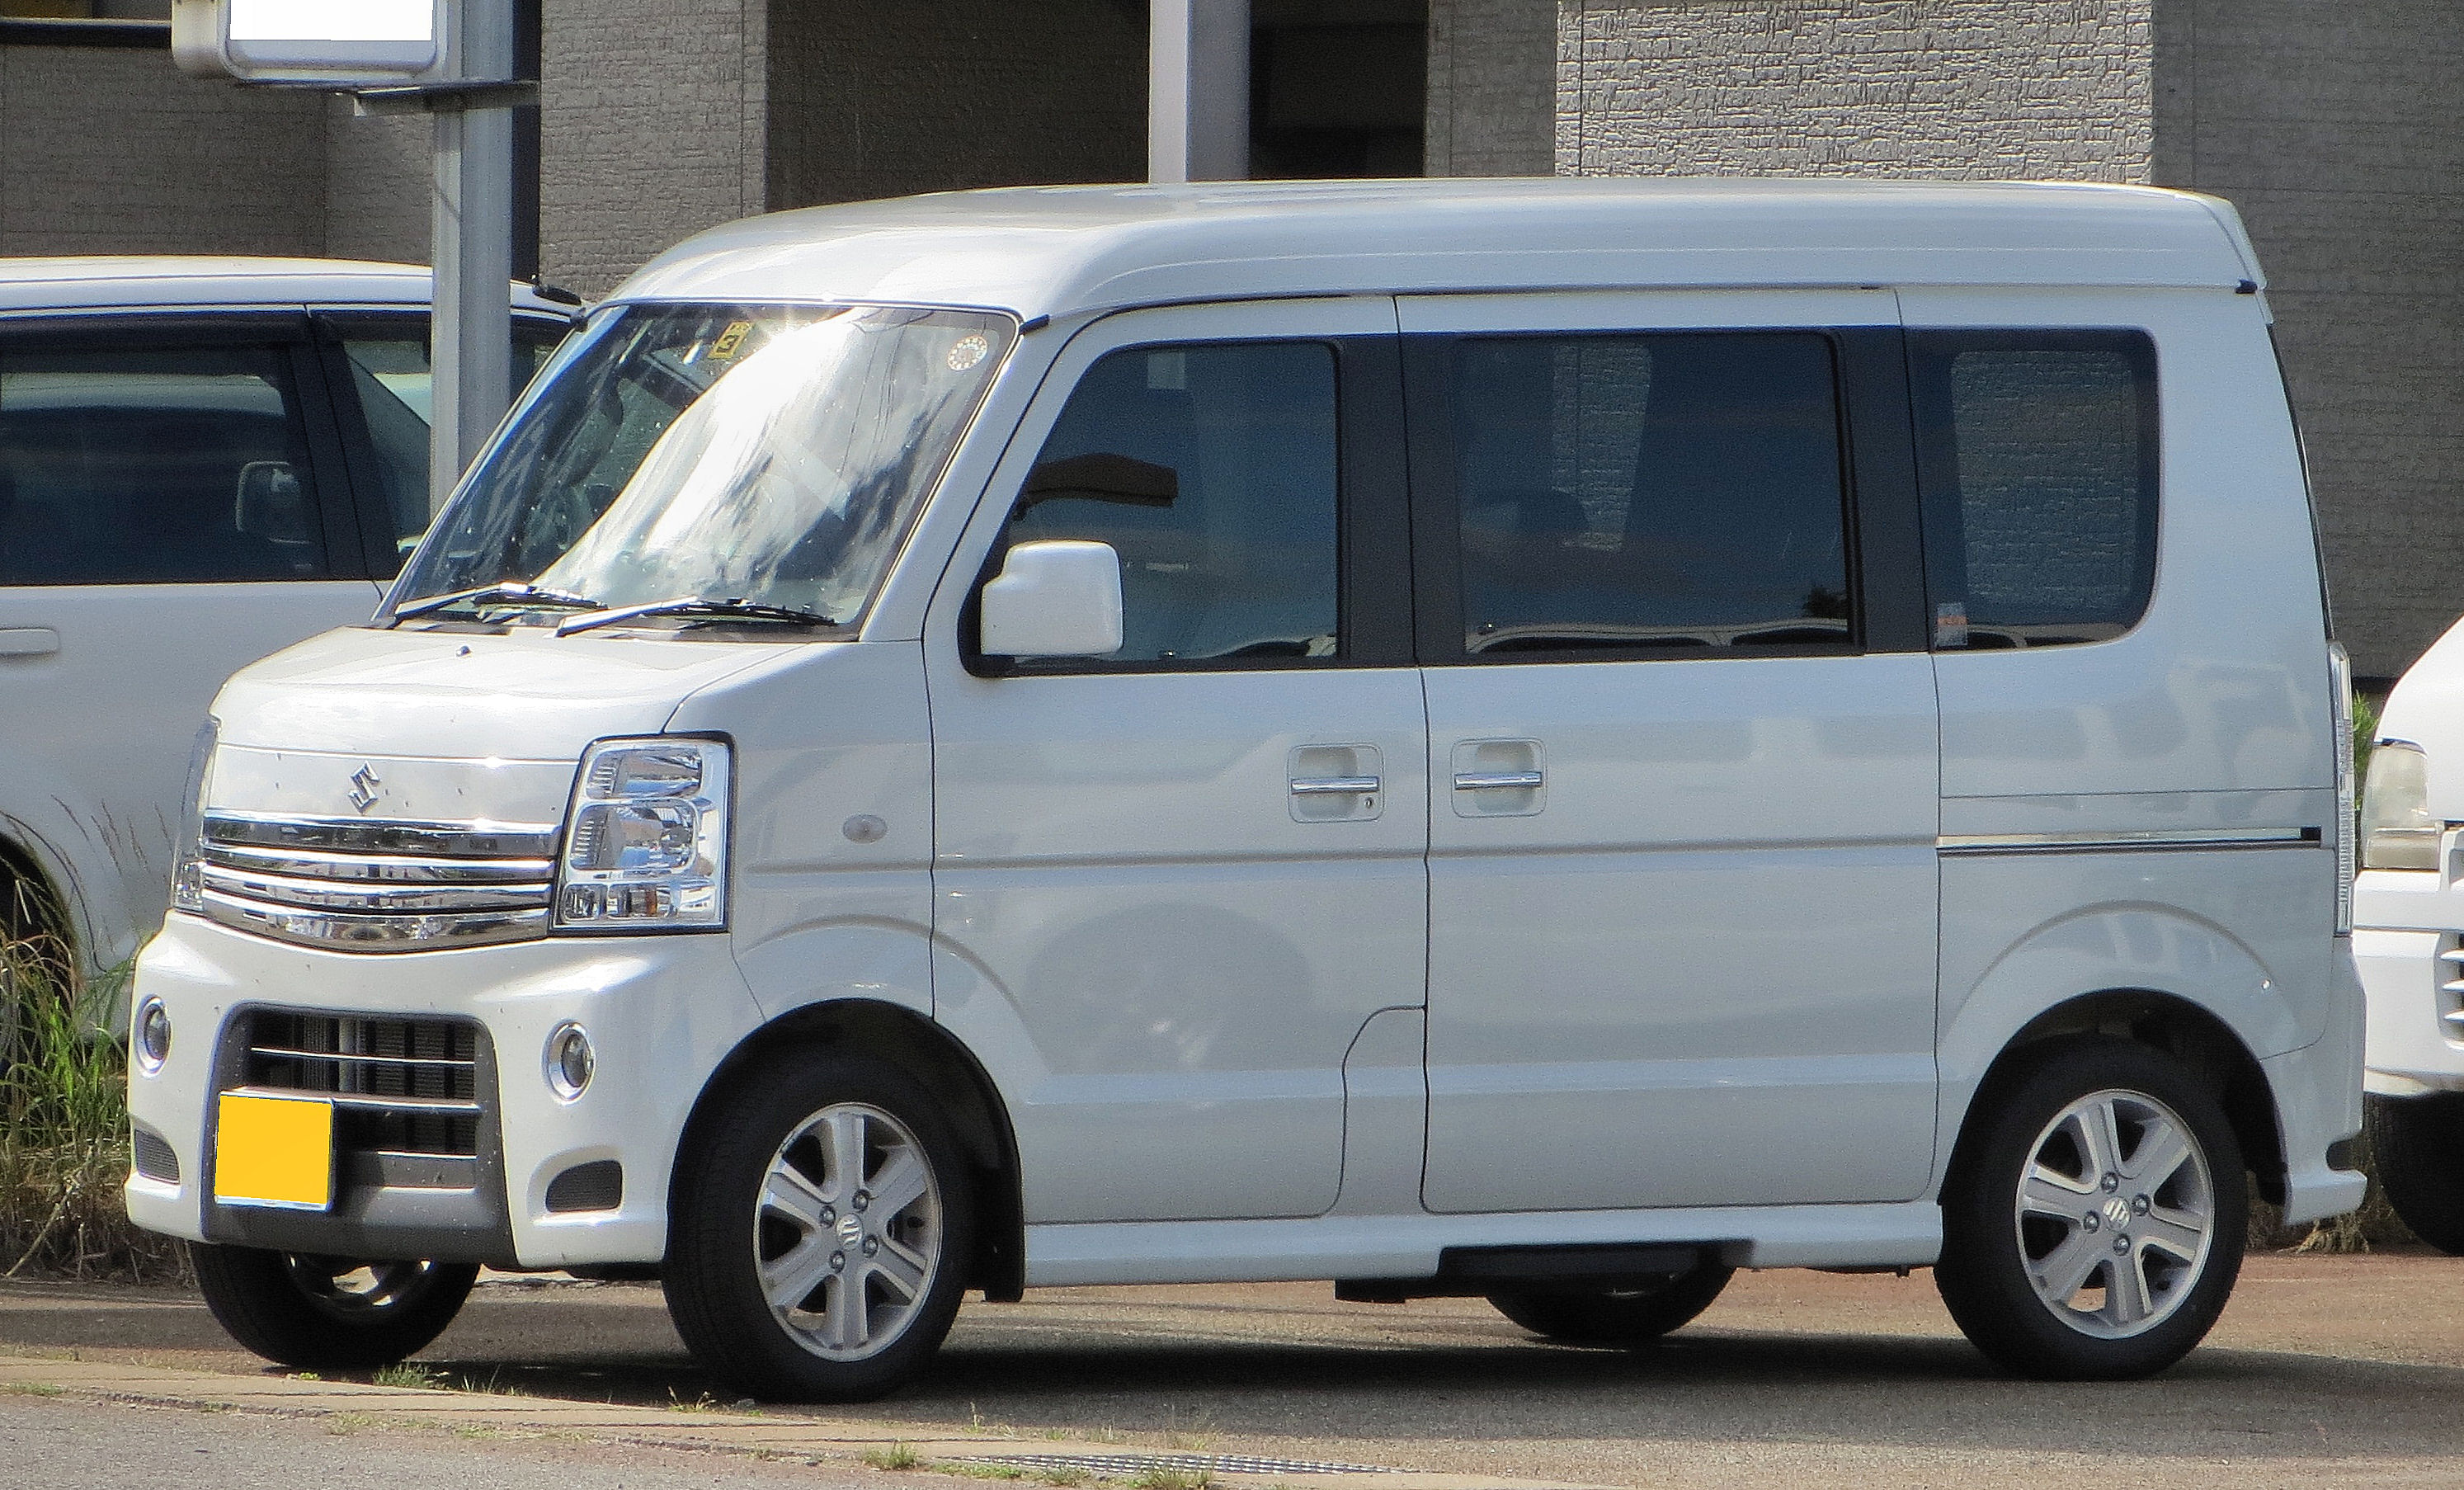 G S Suzuki Wichita Falls Tx